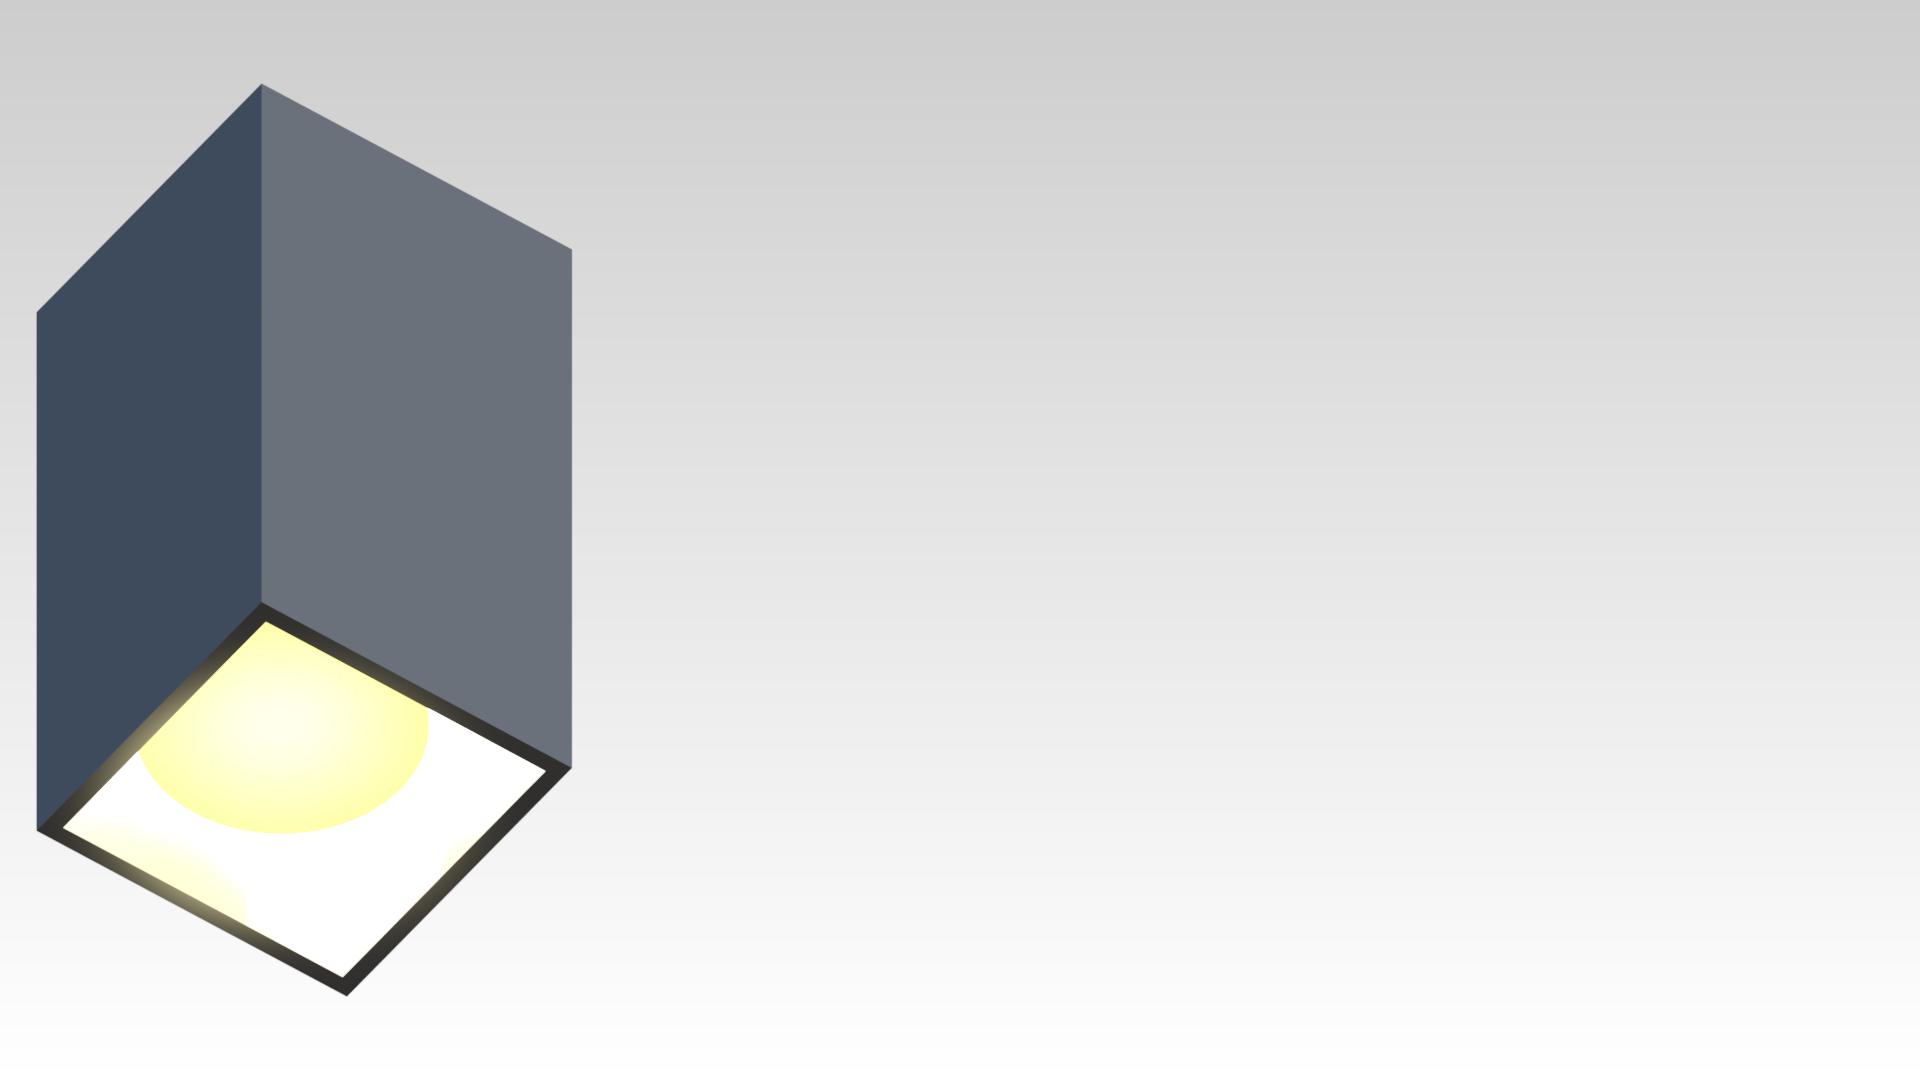 светильник квадратный потолочный накладной серый